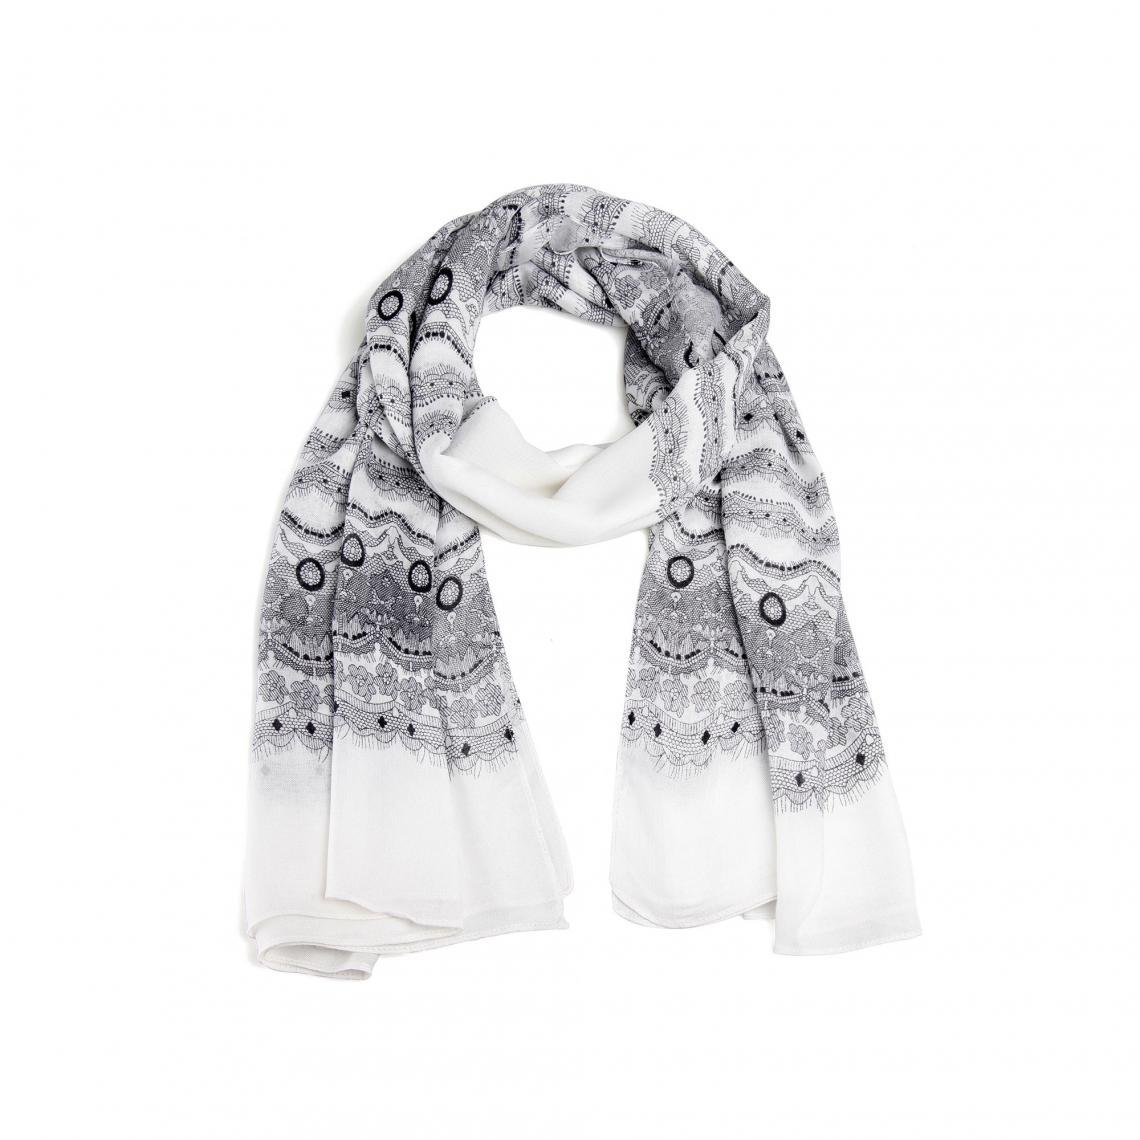 Foulard rectangulaire imprimé aspect dentelle femme - Blanc - Noir Venca 0ae4ad272b4